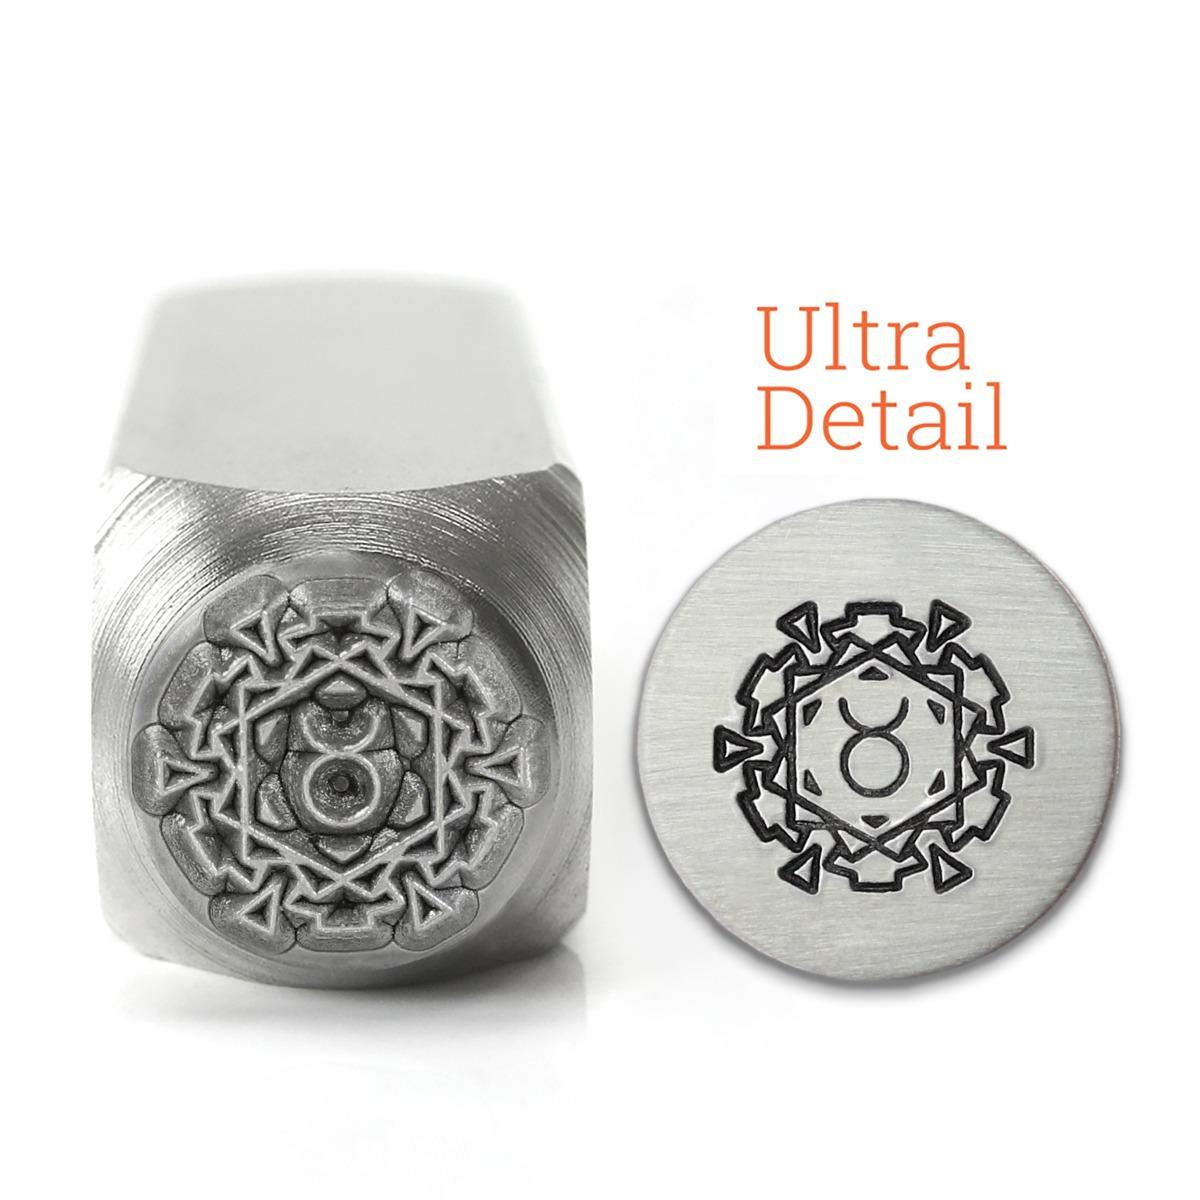 Taurus Ultra Detail Stamp, 12mm